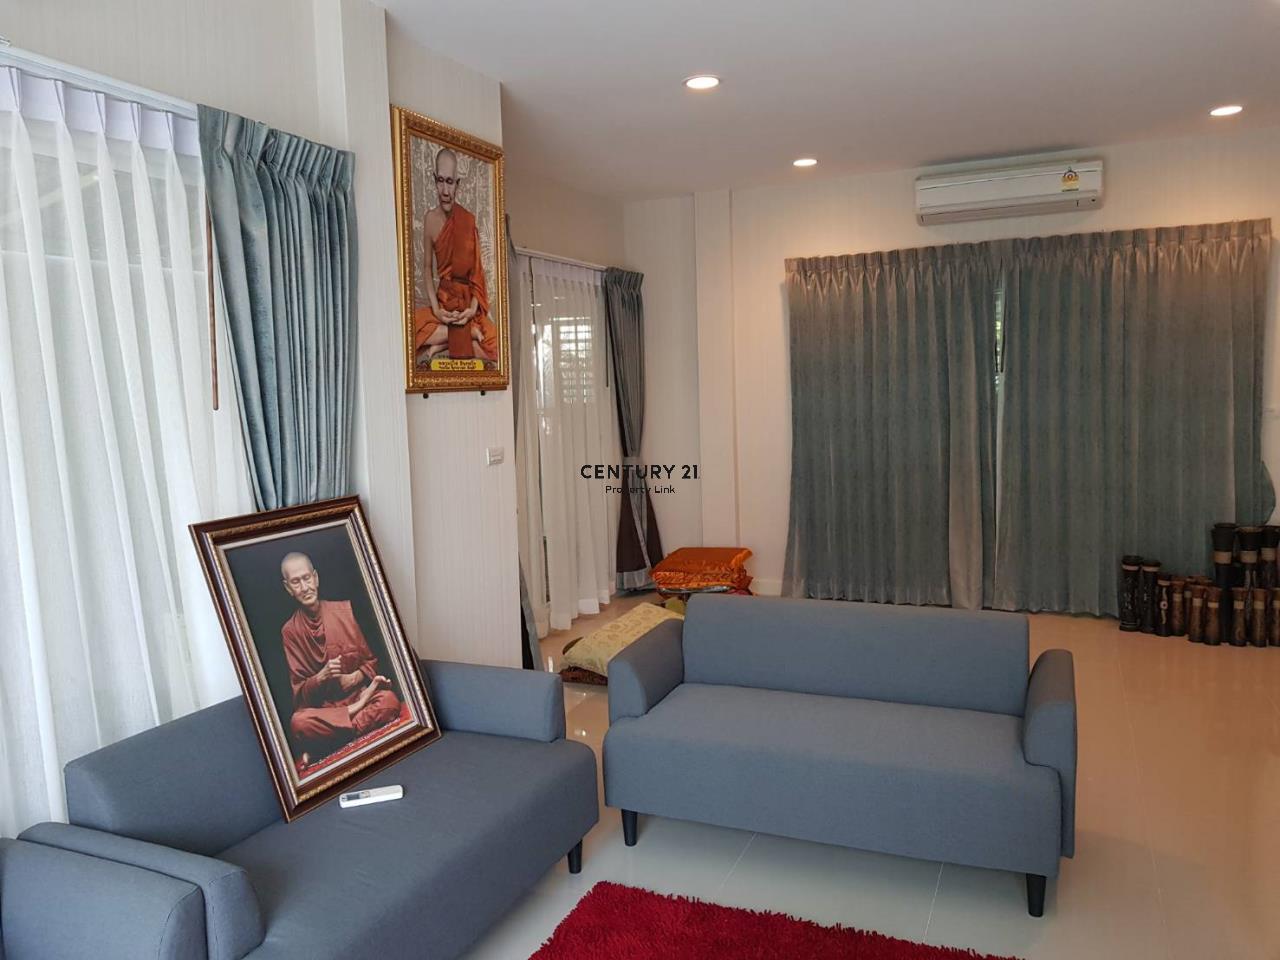 Century21 Property Link Agency's 38-HH-61064 Single House @ Phutthamonthon Sai 4 near Mahidon Salaya University 2